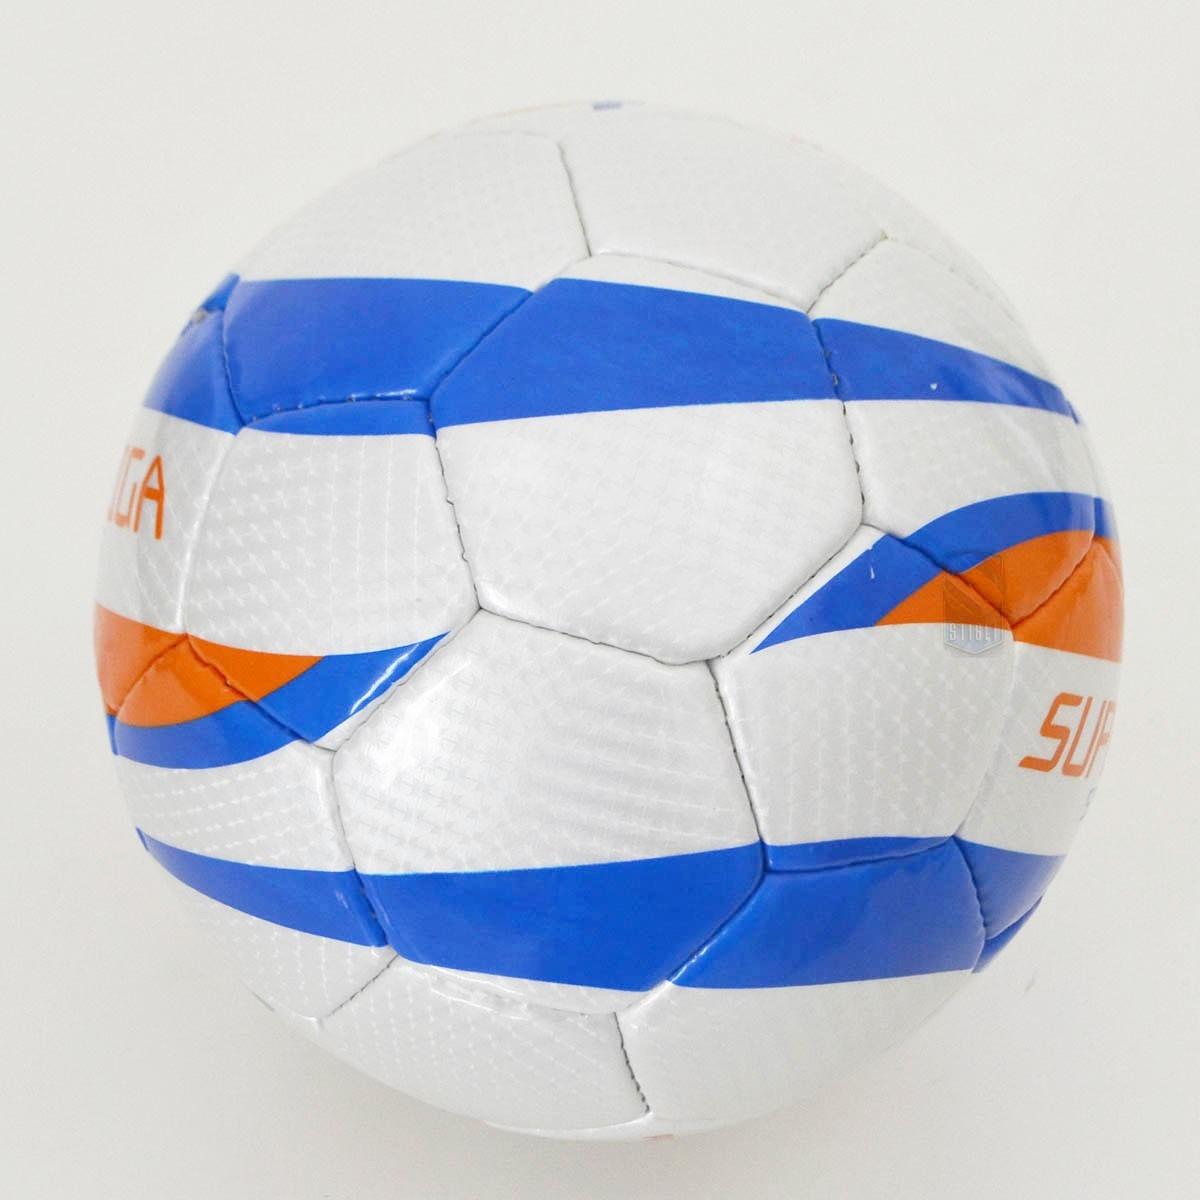 bola futsal super liga microfibra profissional frete grátis. Carregando zoom . 2e313a34fd47a